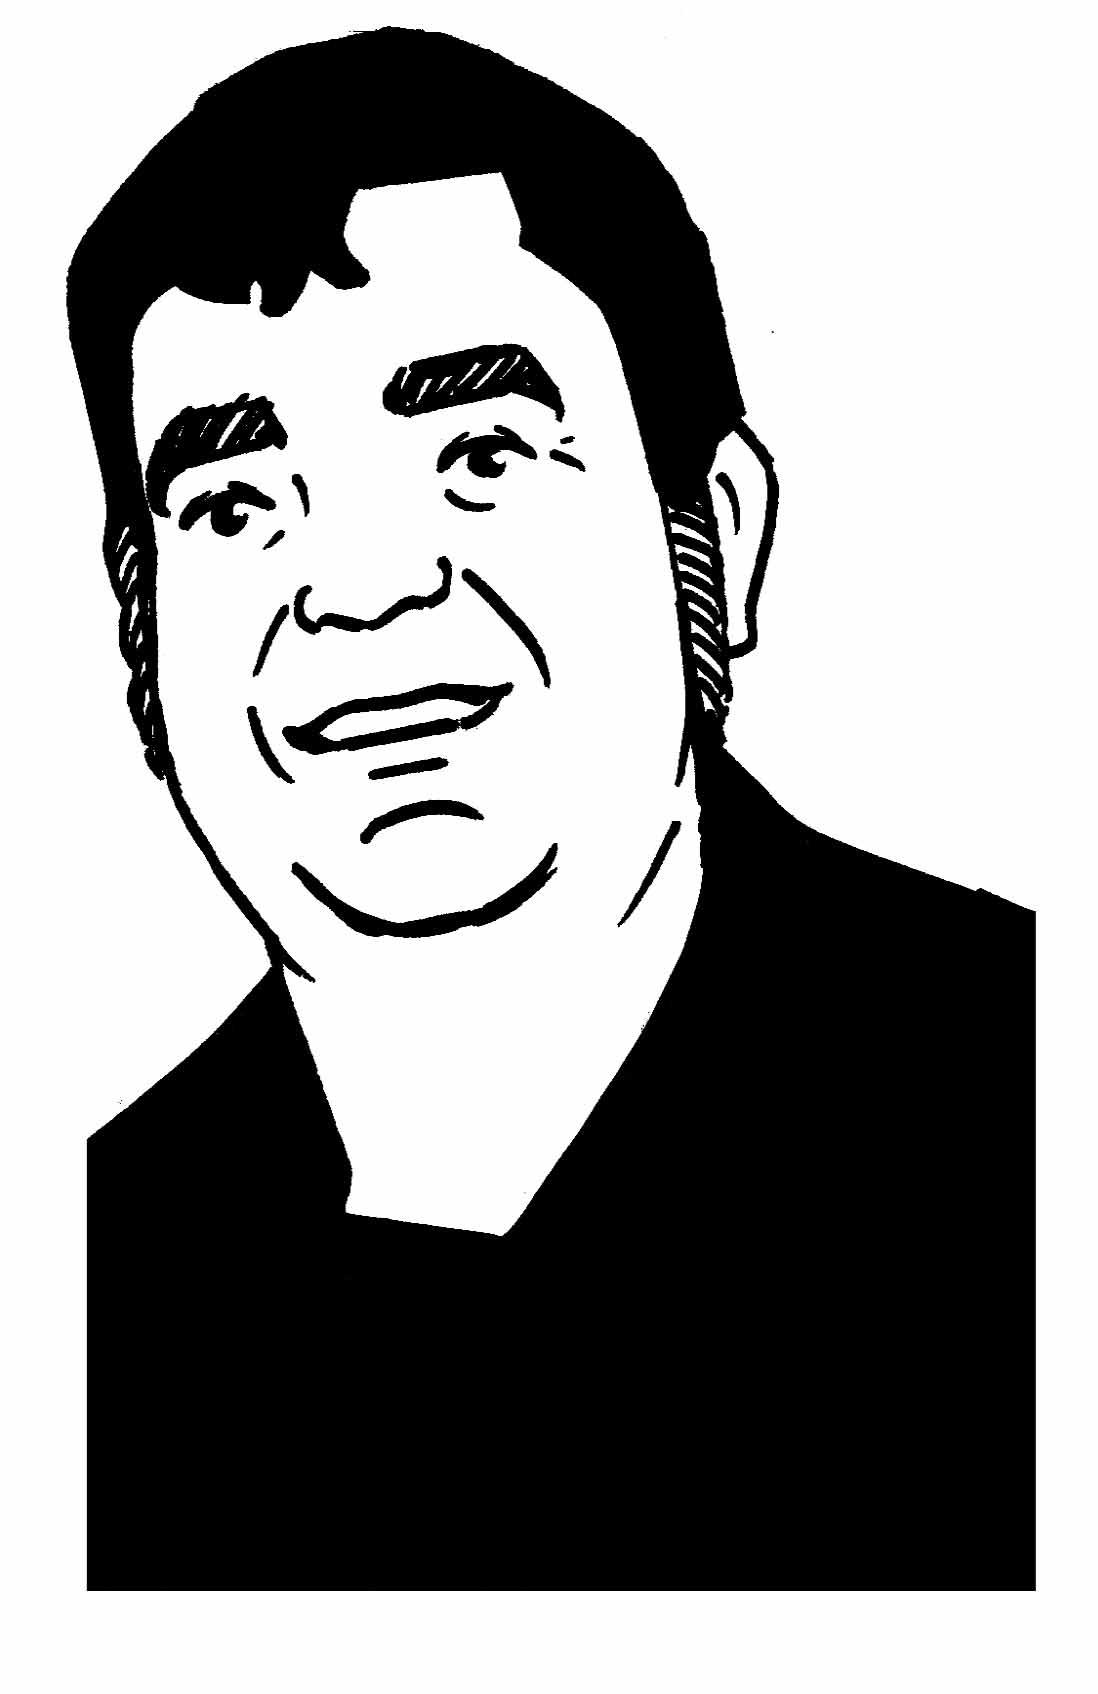 Ein Kommentar von Markus Liske (Zeichnung: Findus)